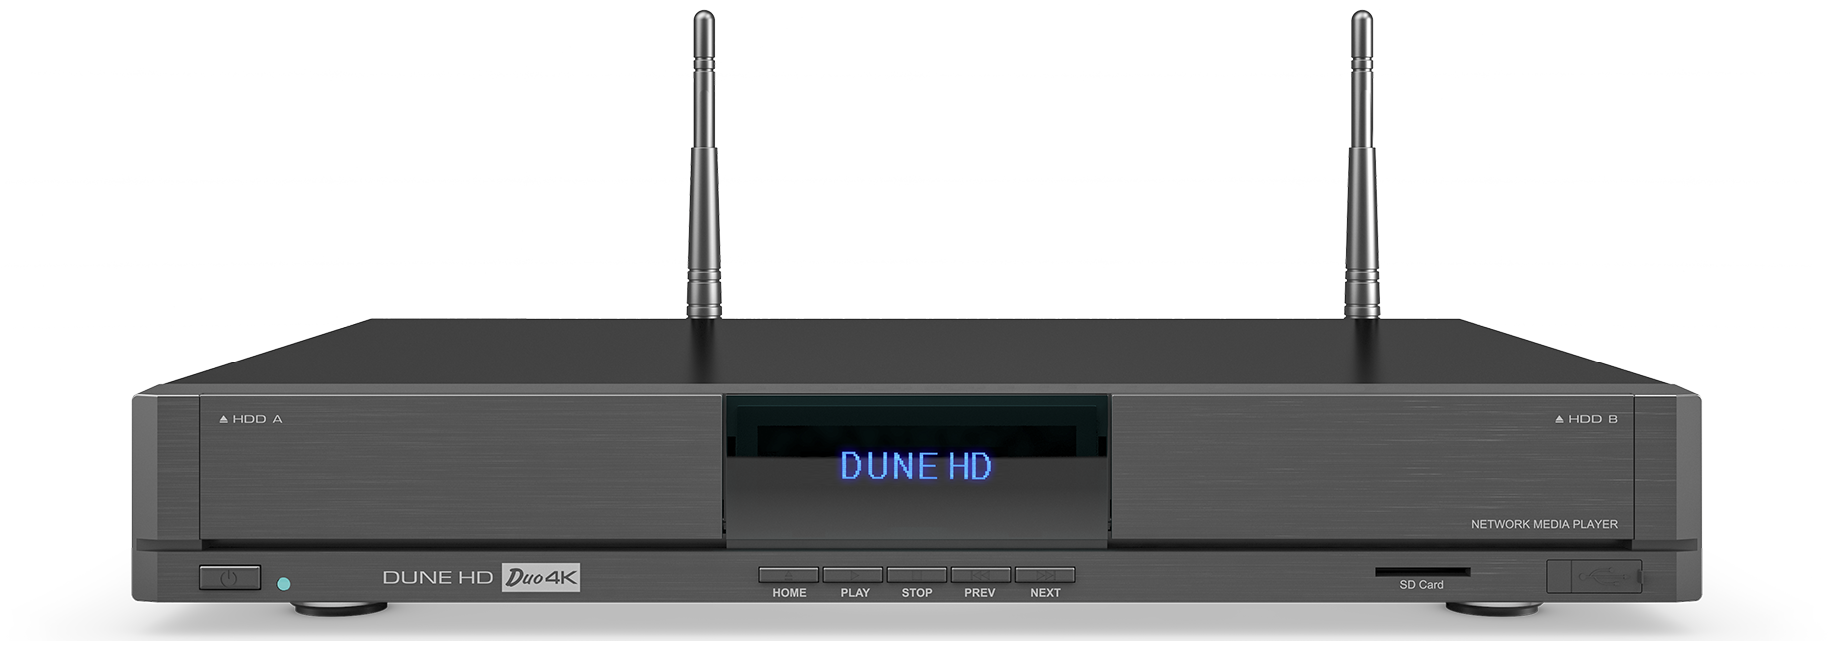 Dune HD Duo 4K